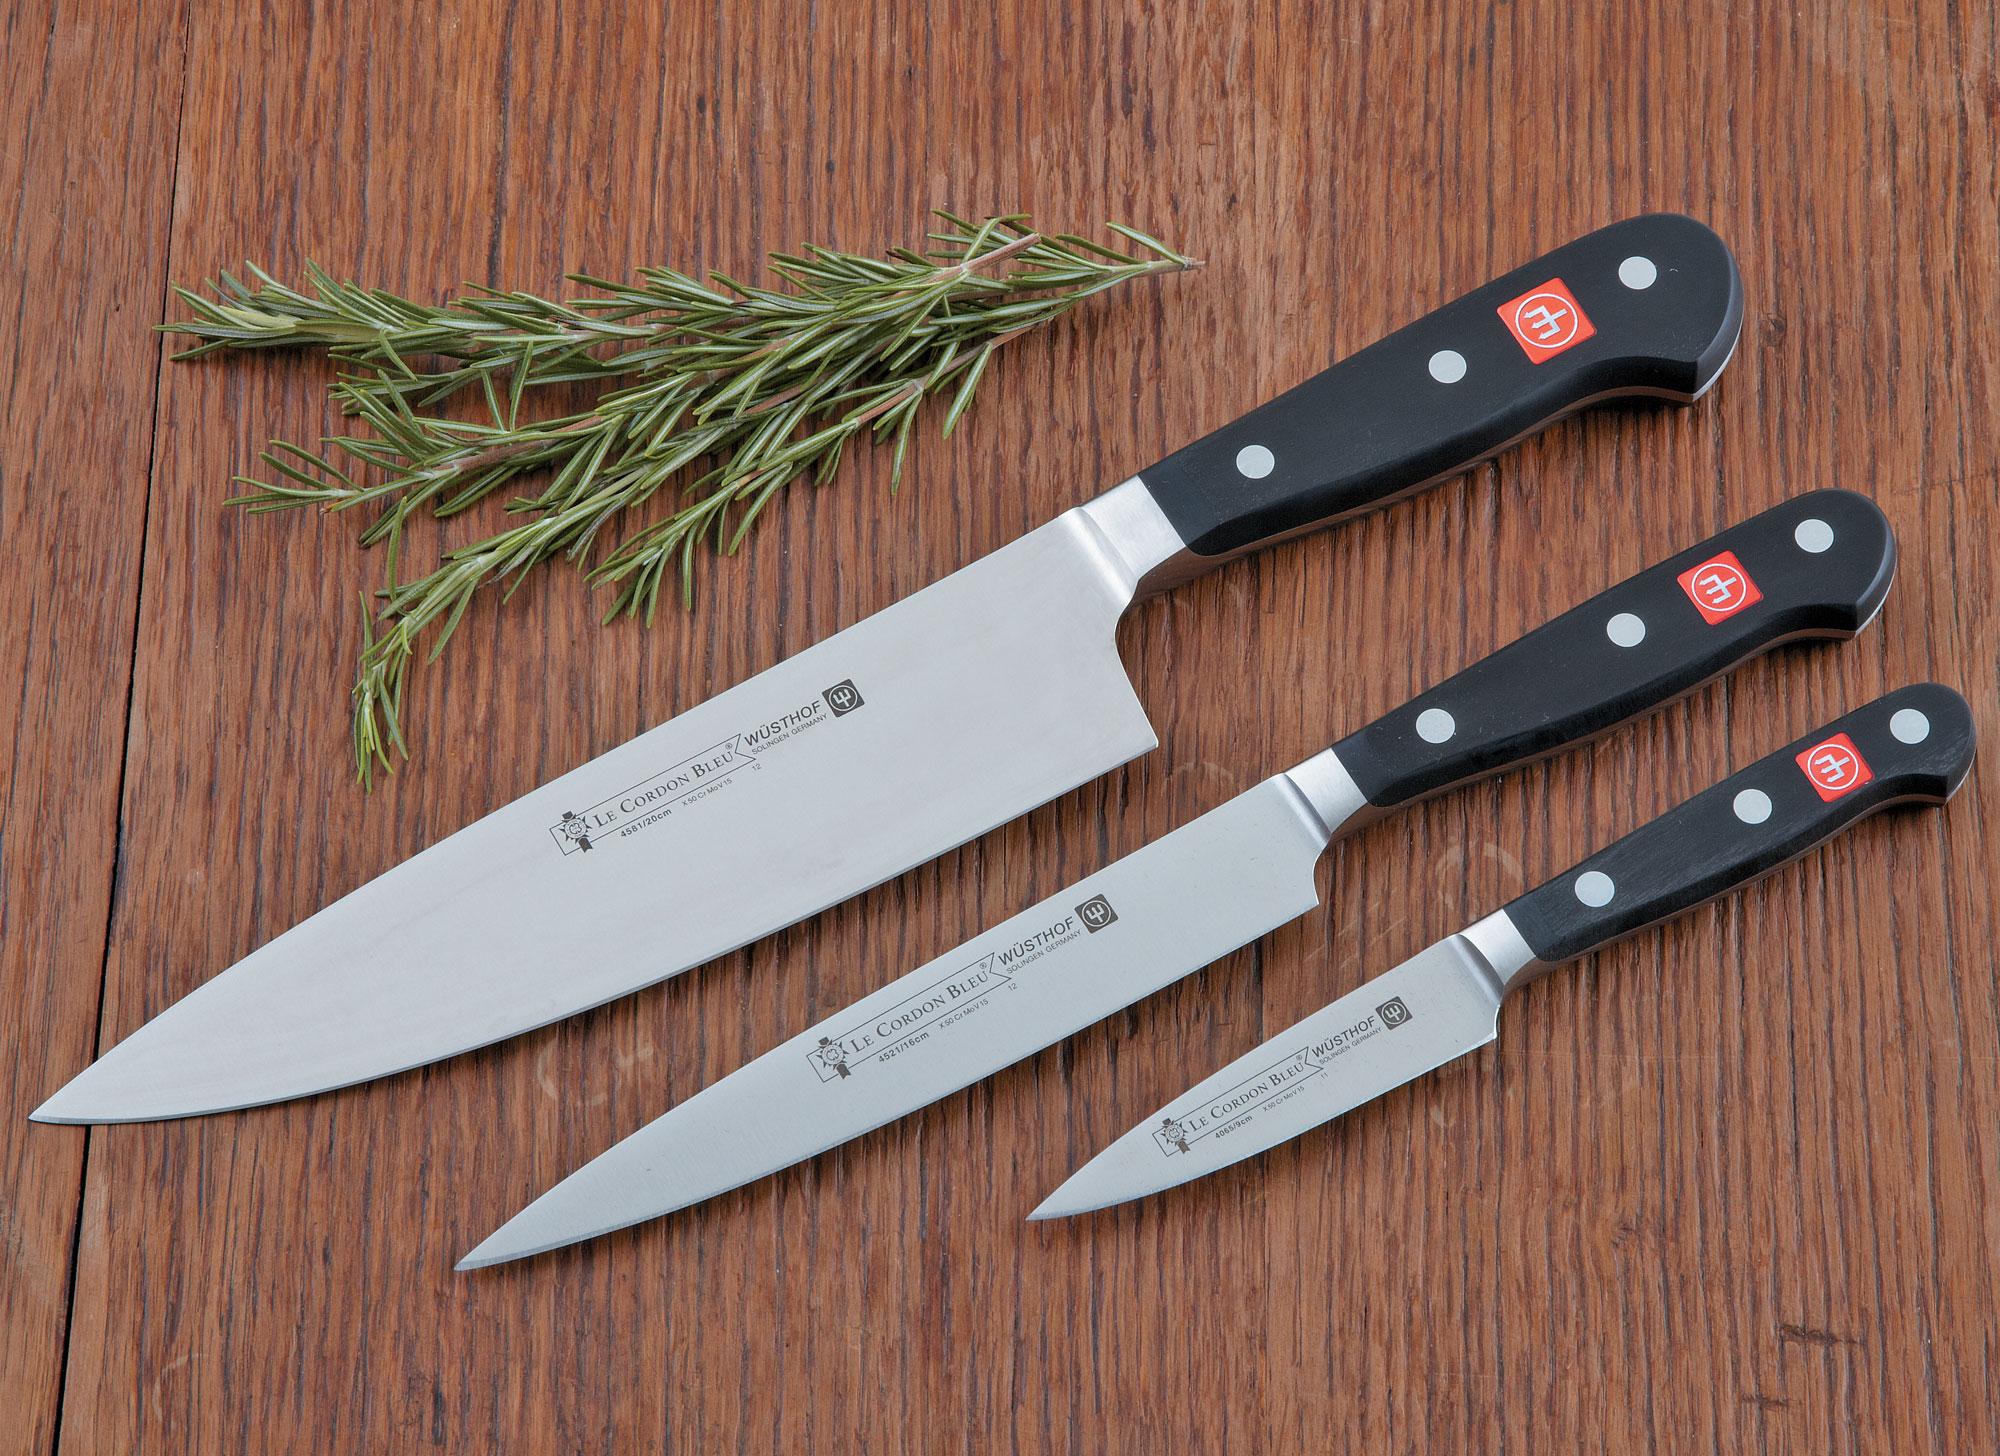 Kitchen Cutlery Set Online